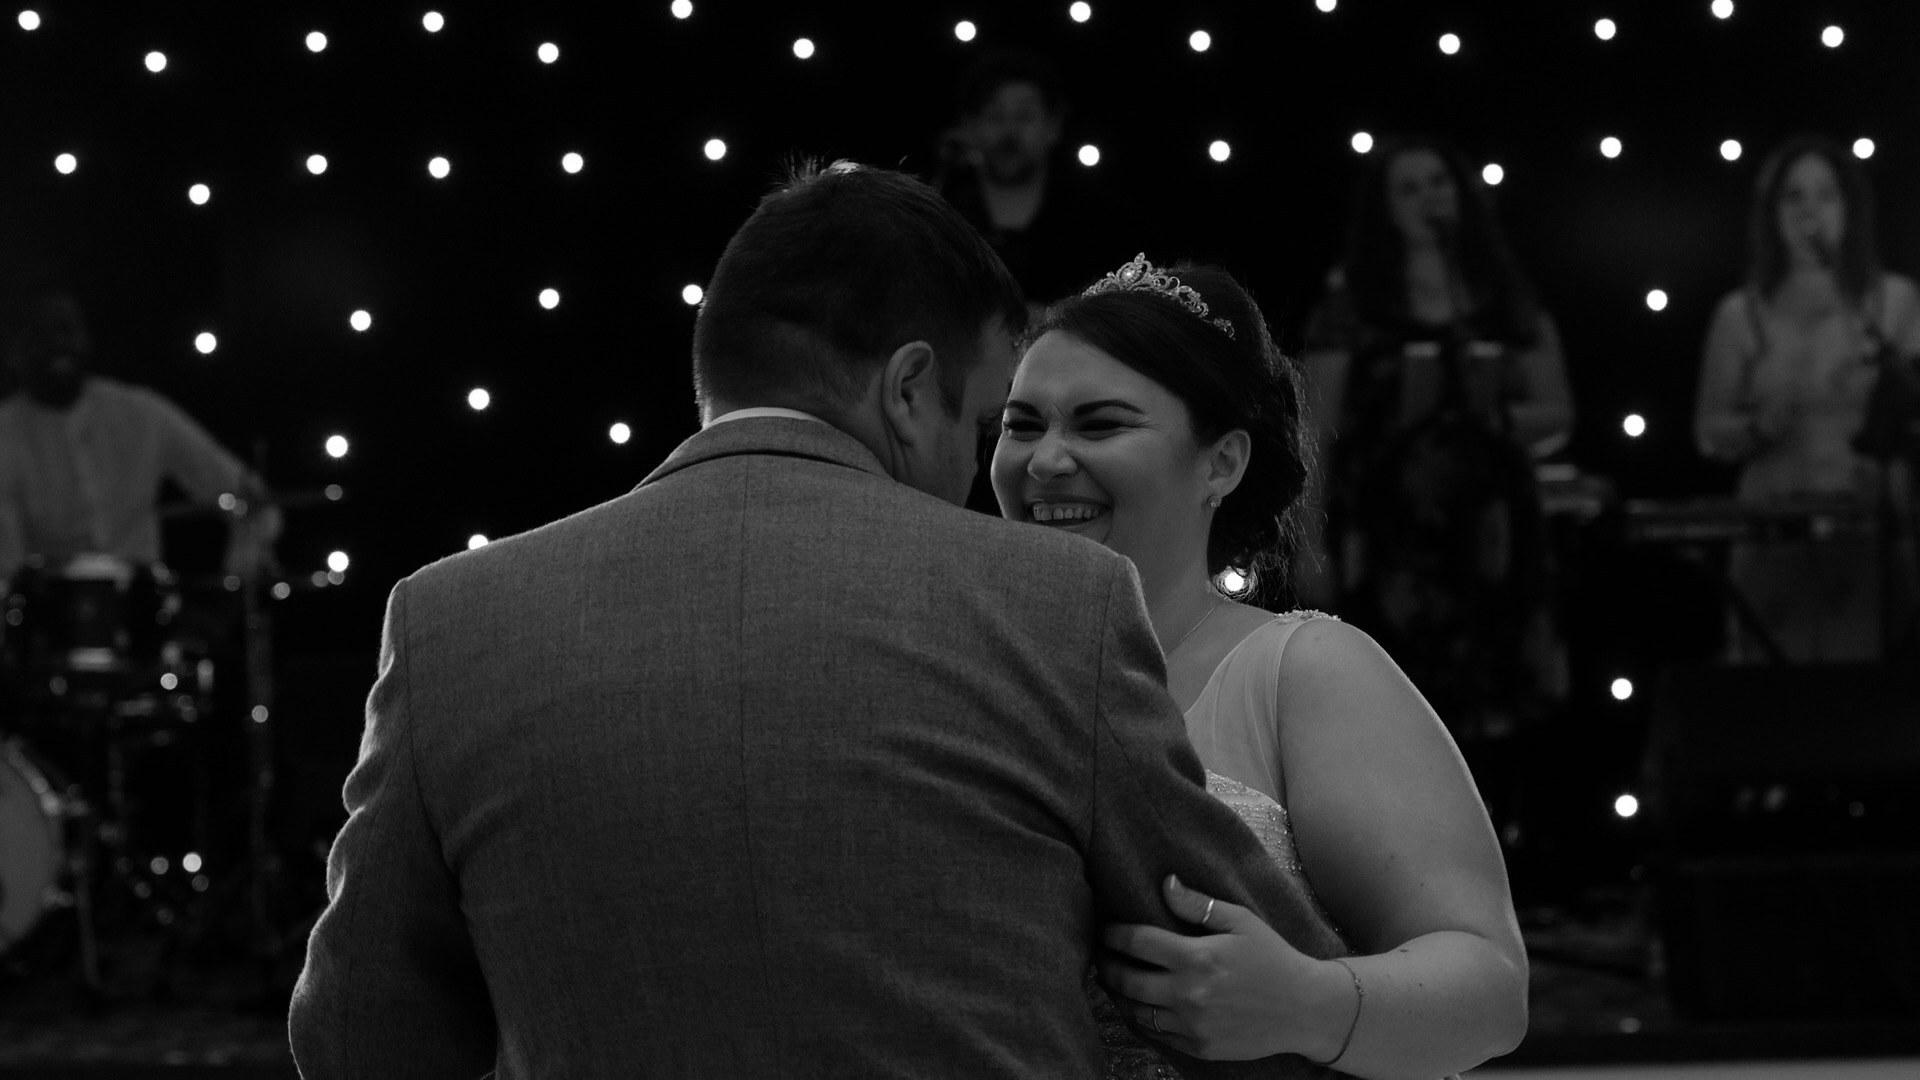 BUCHAN-BRAES-JULY-WEDDING (25).jpg